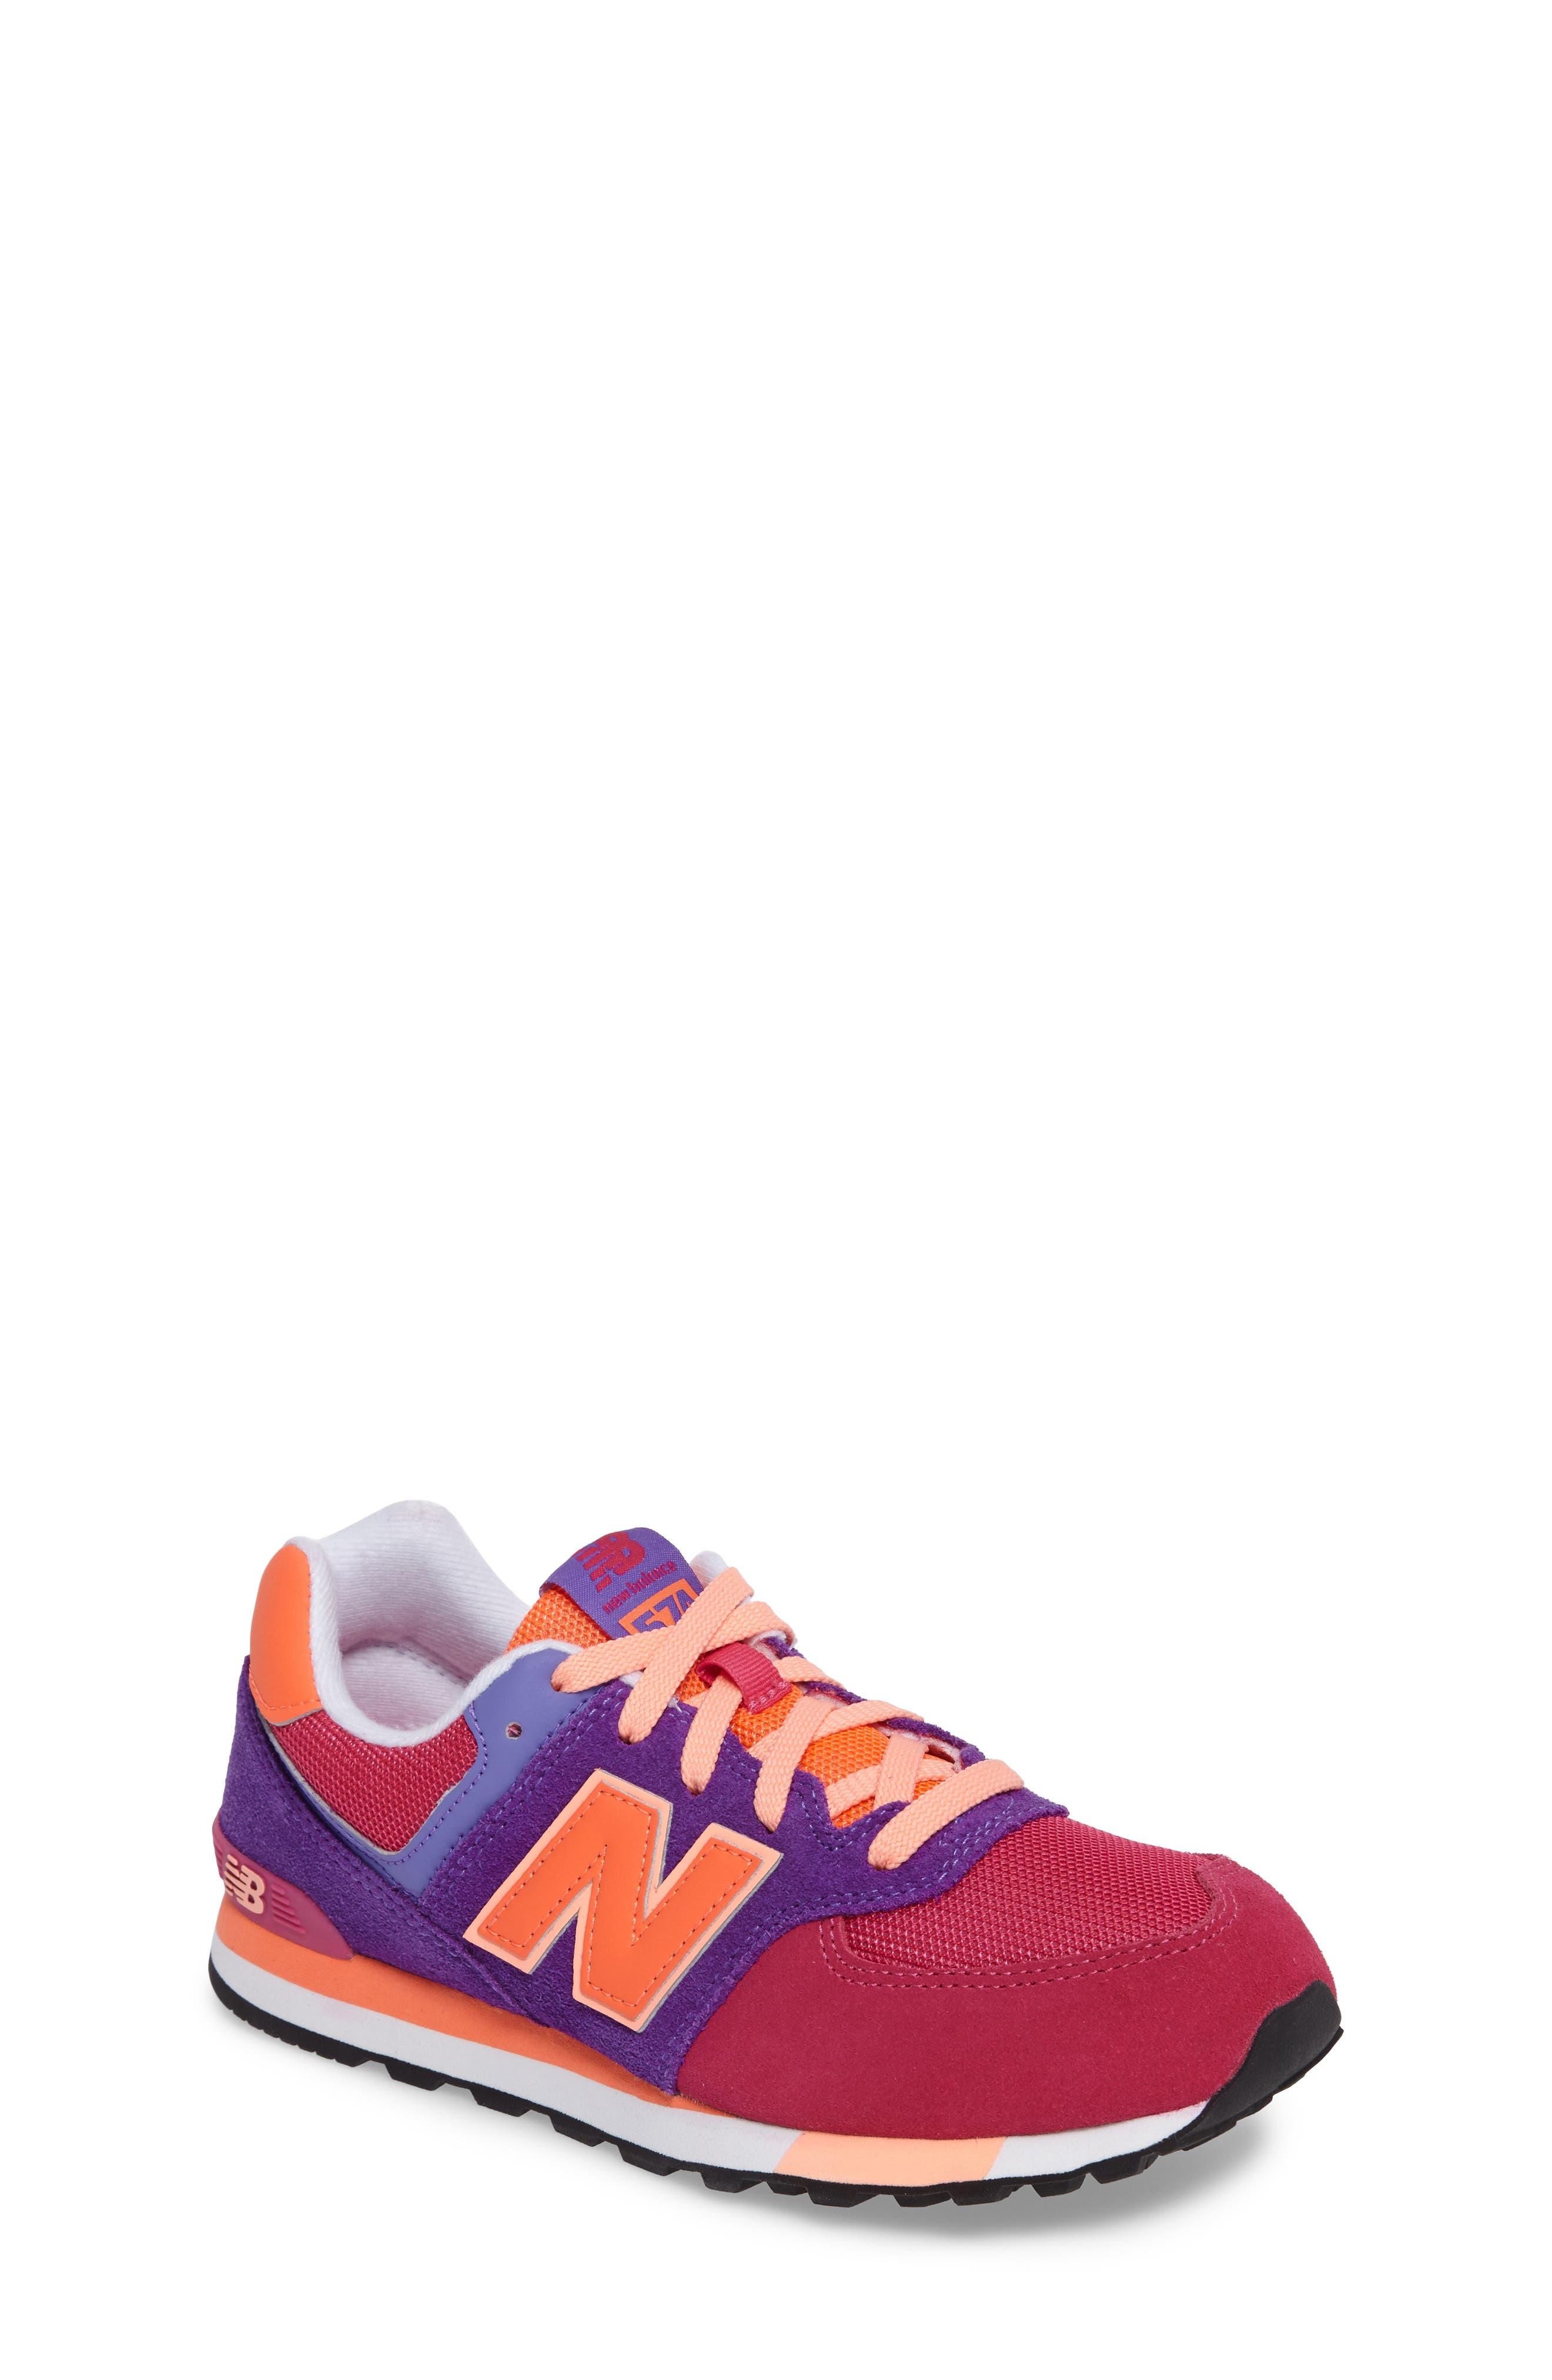 574 Cut & Paste Sneaker,                             Main thumbnail 1, color,                             Pink/ Purple